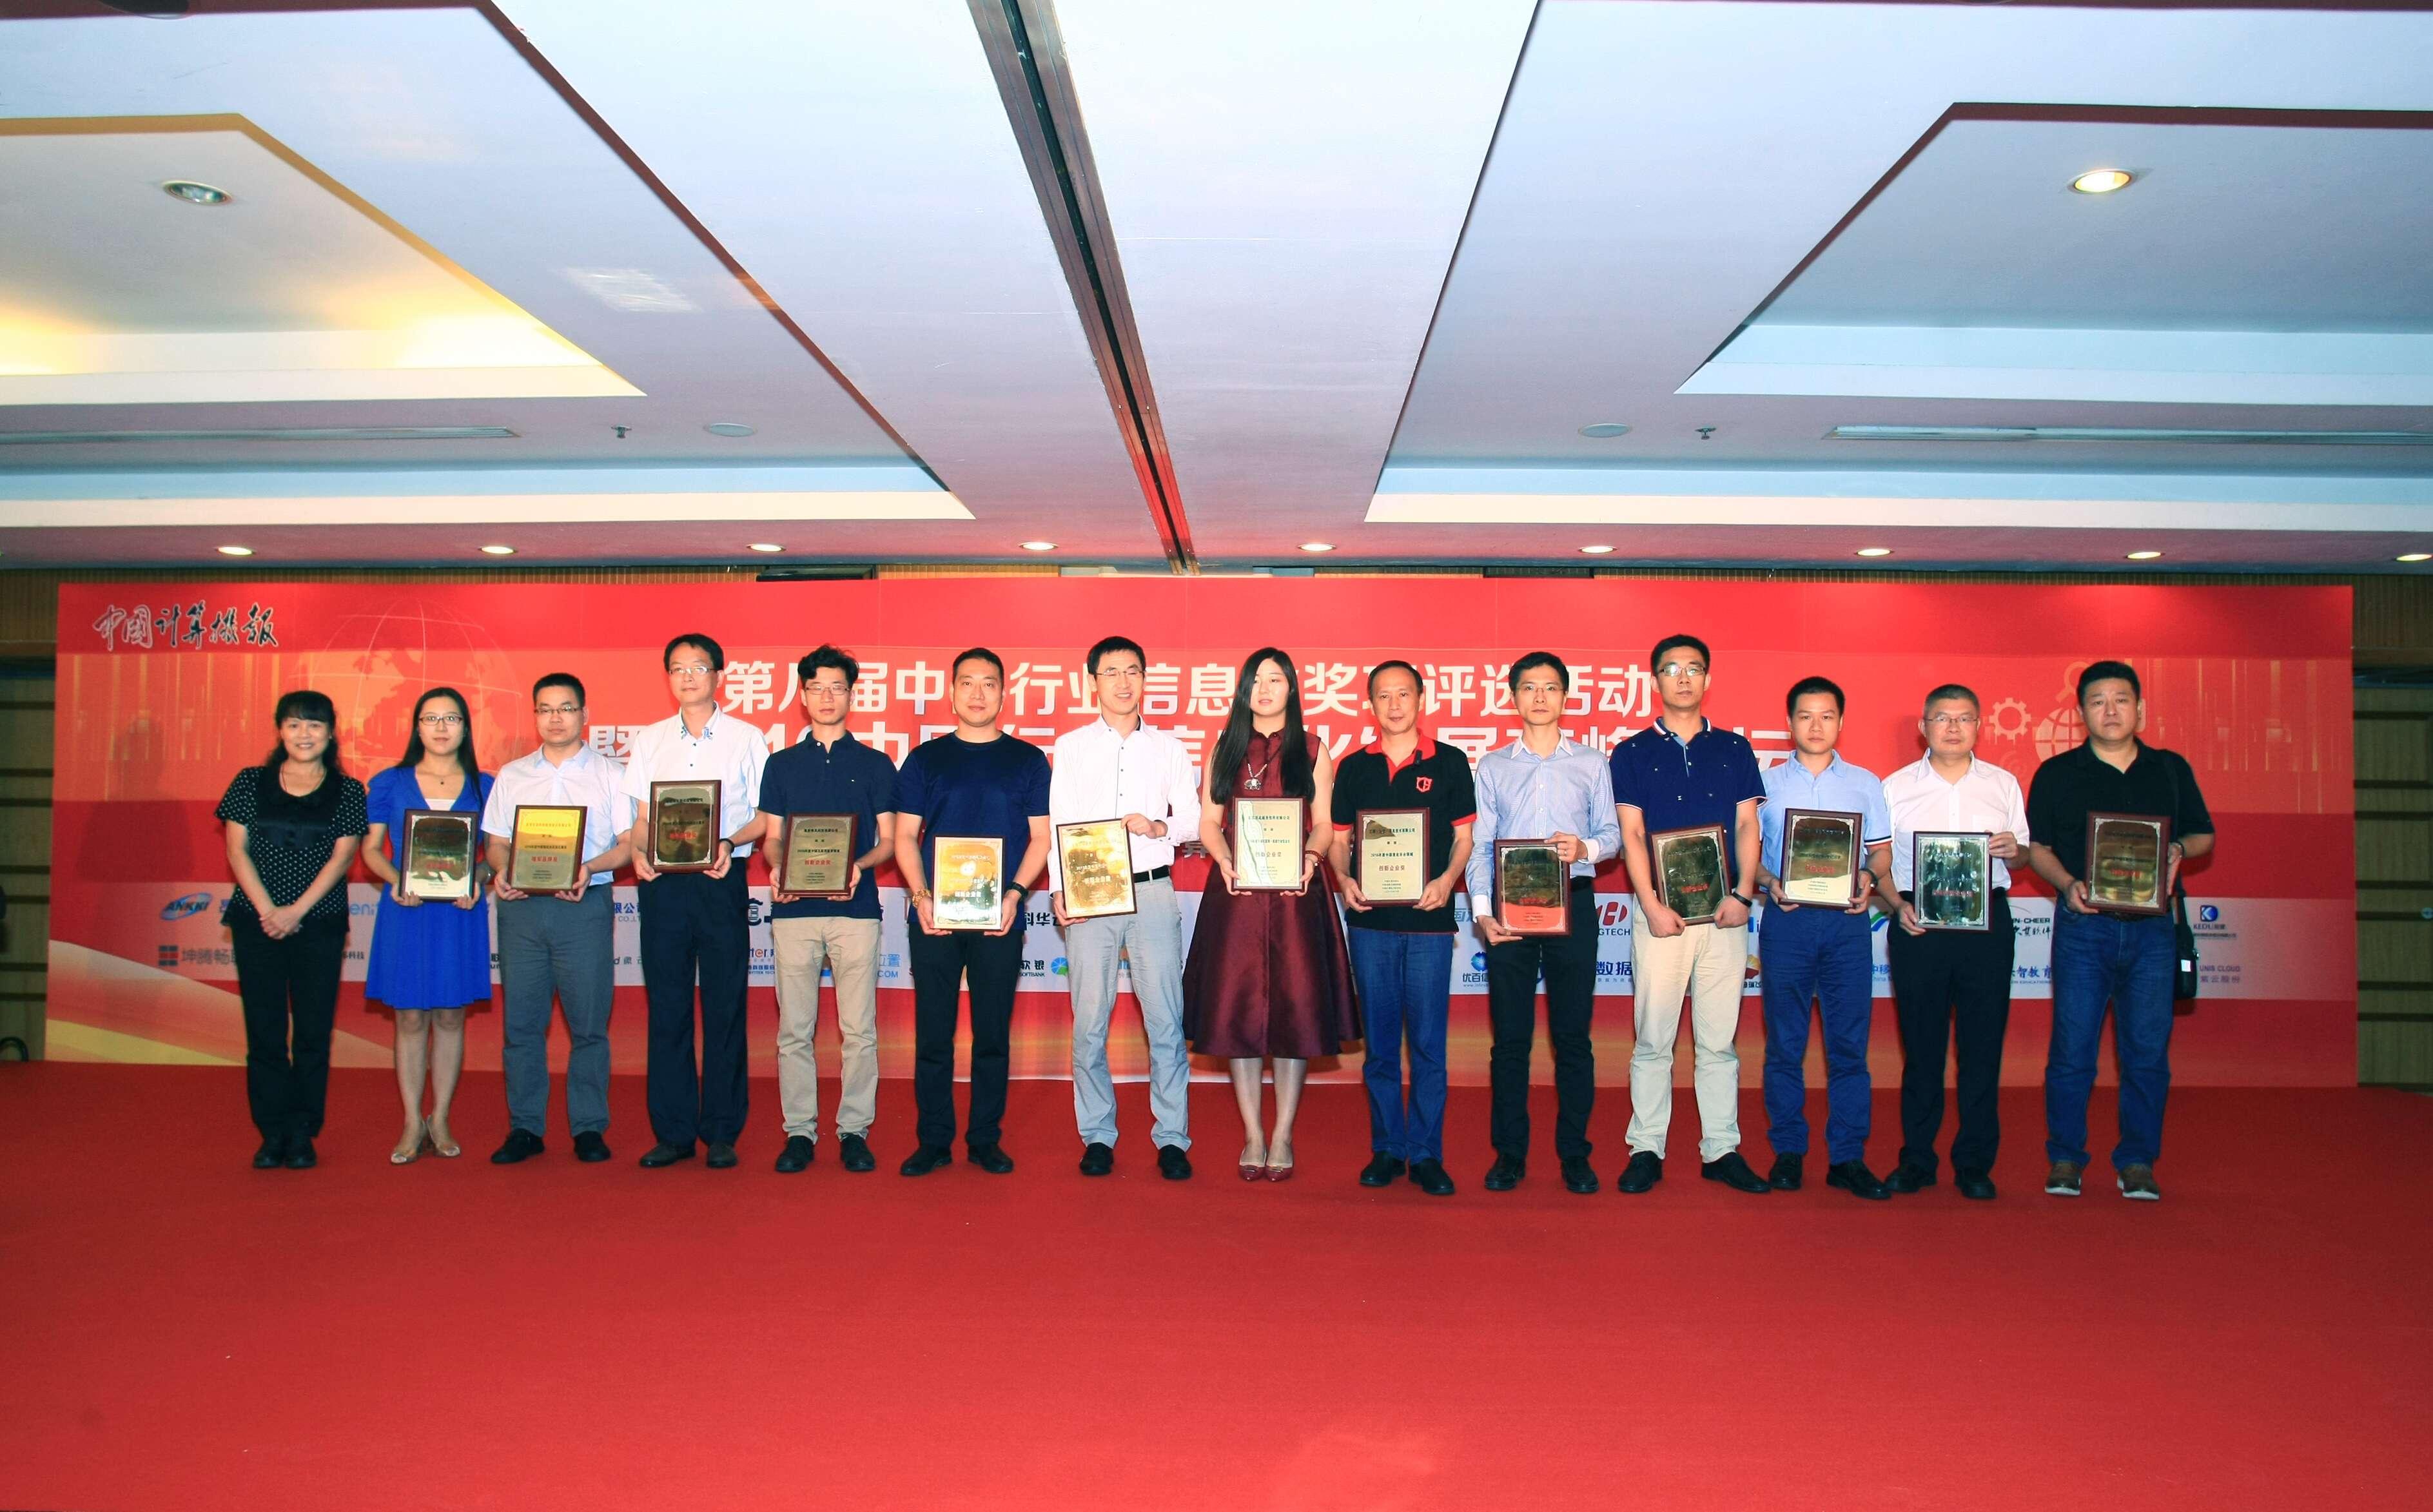 热烈祝贺深科特荣获《2016年度中国制造业信息化服务领军品牌奖》-助力企业智能制造转型升级